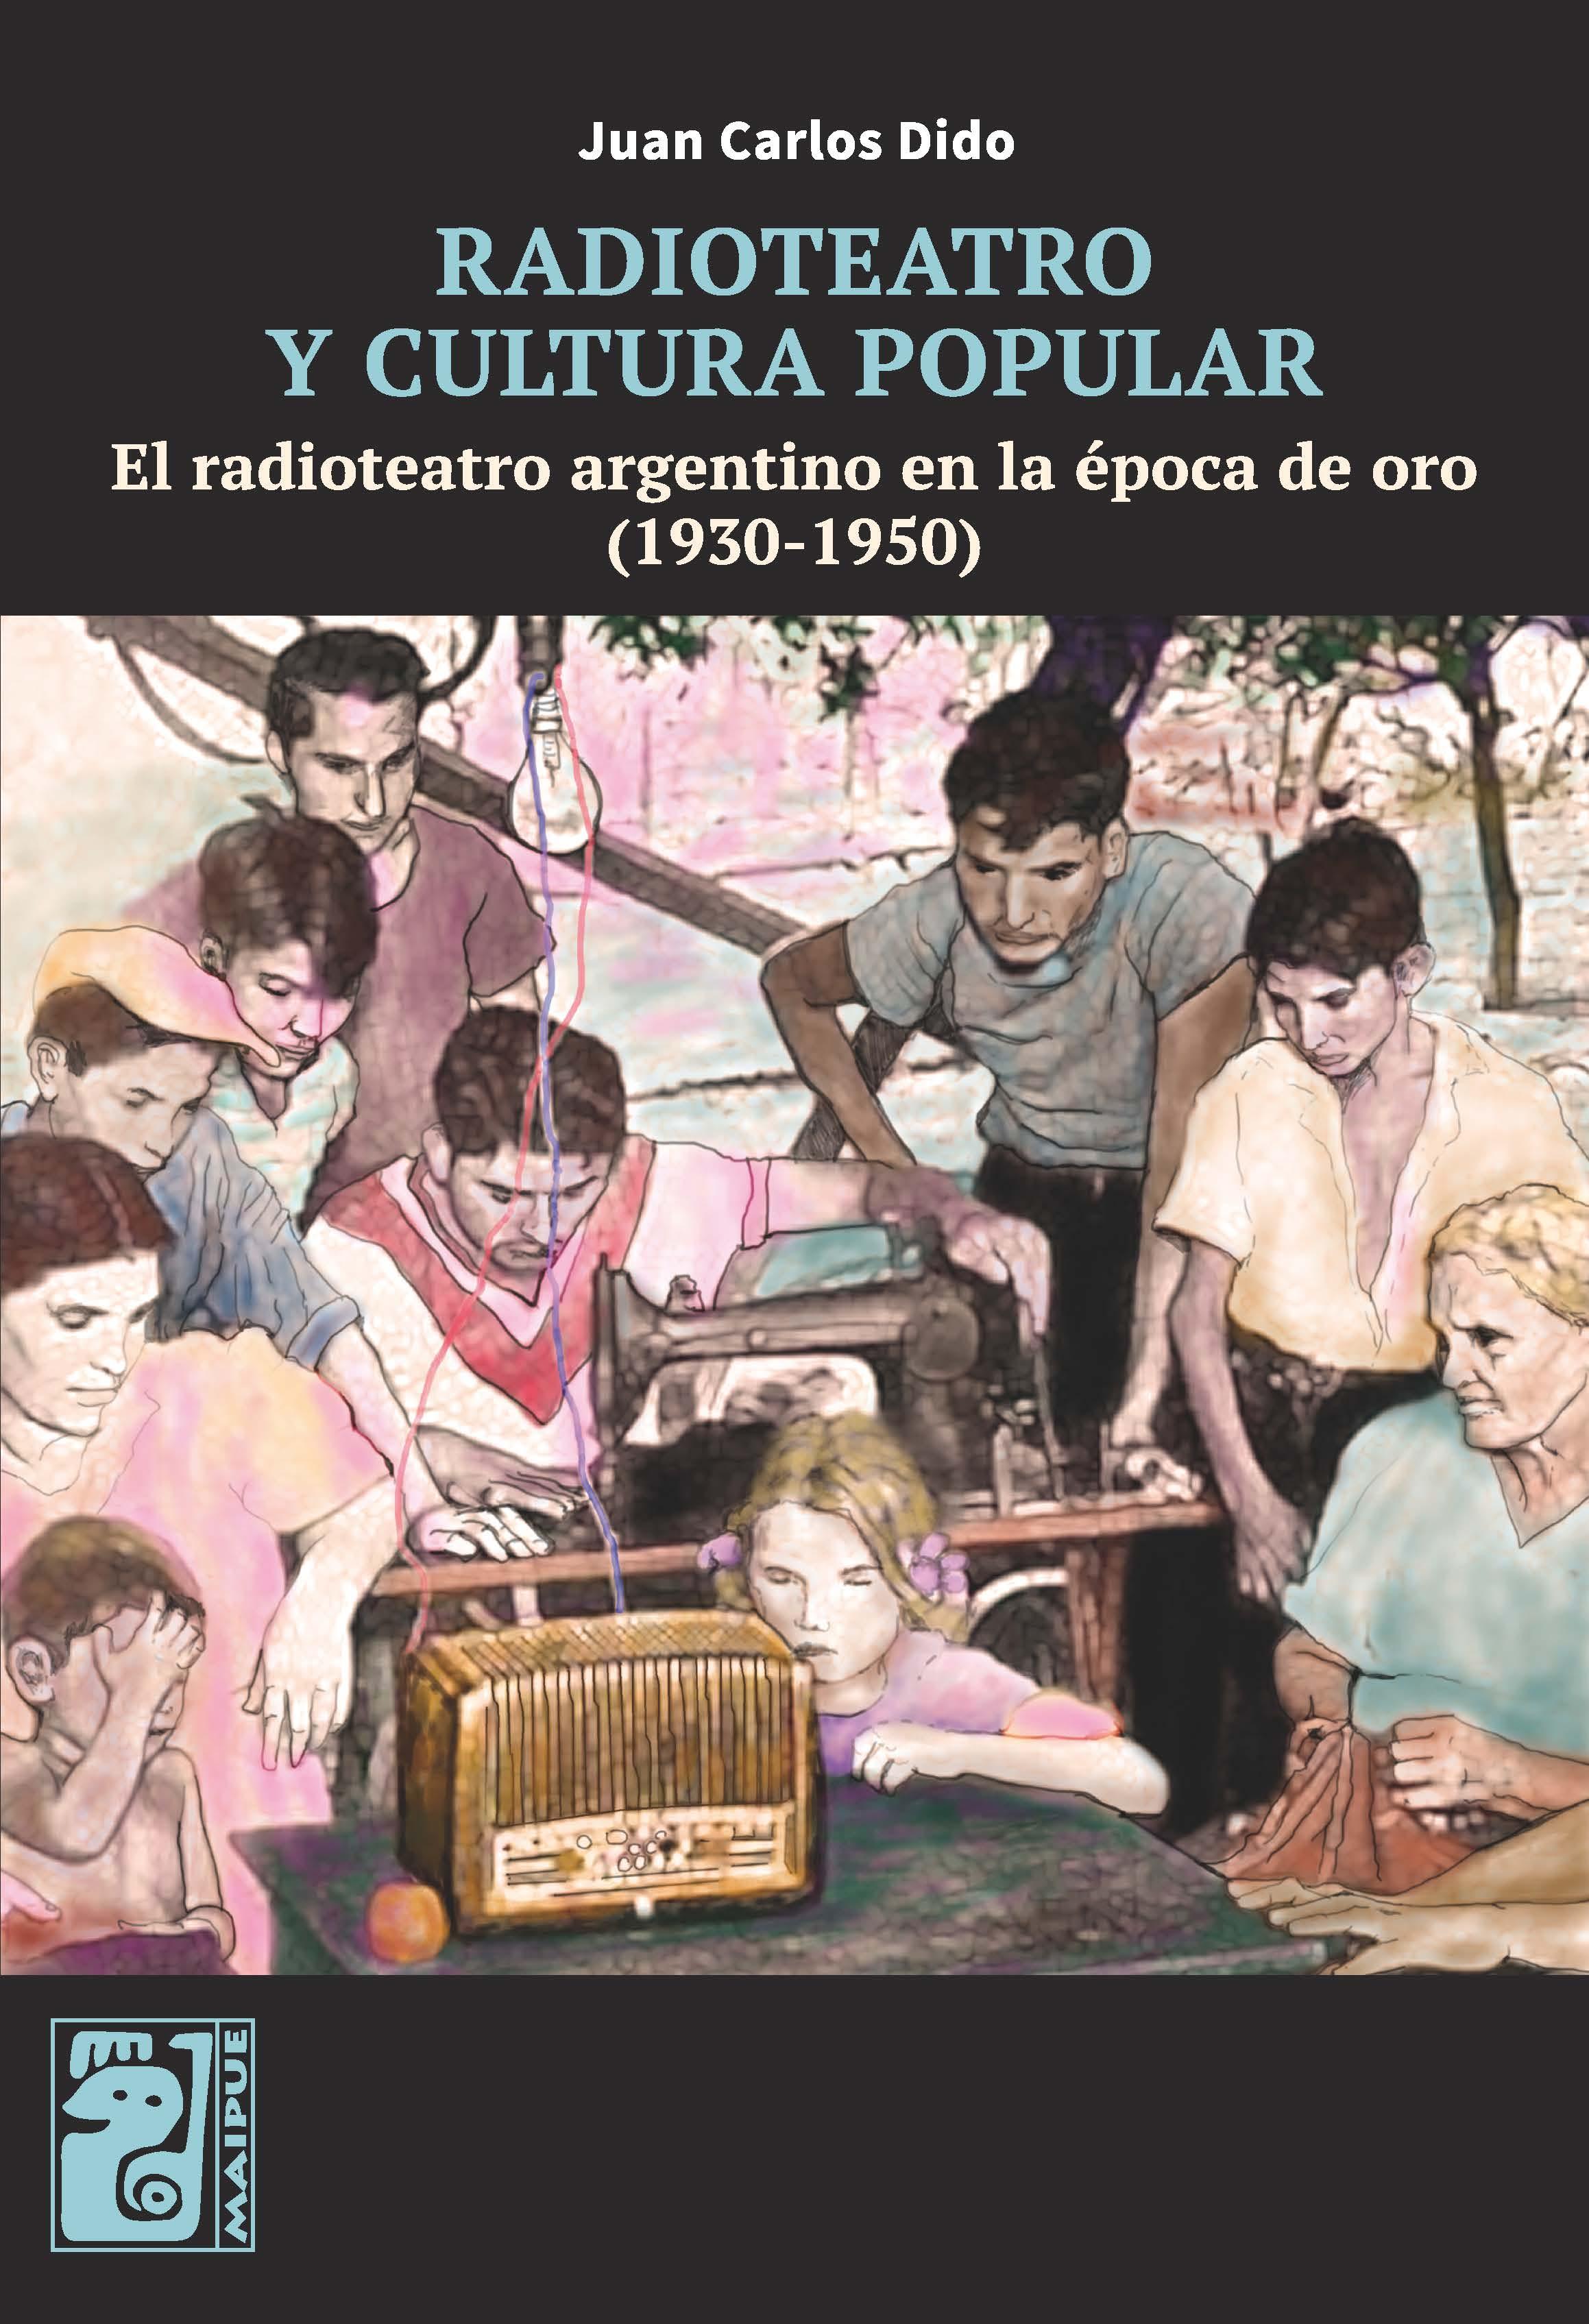 Radioteatro y cultura popular